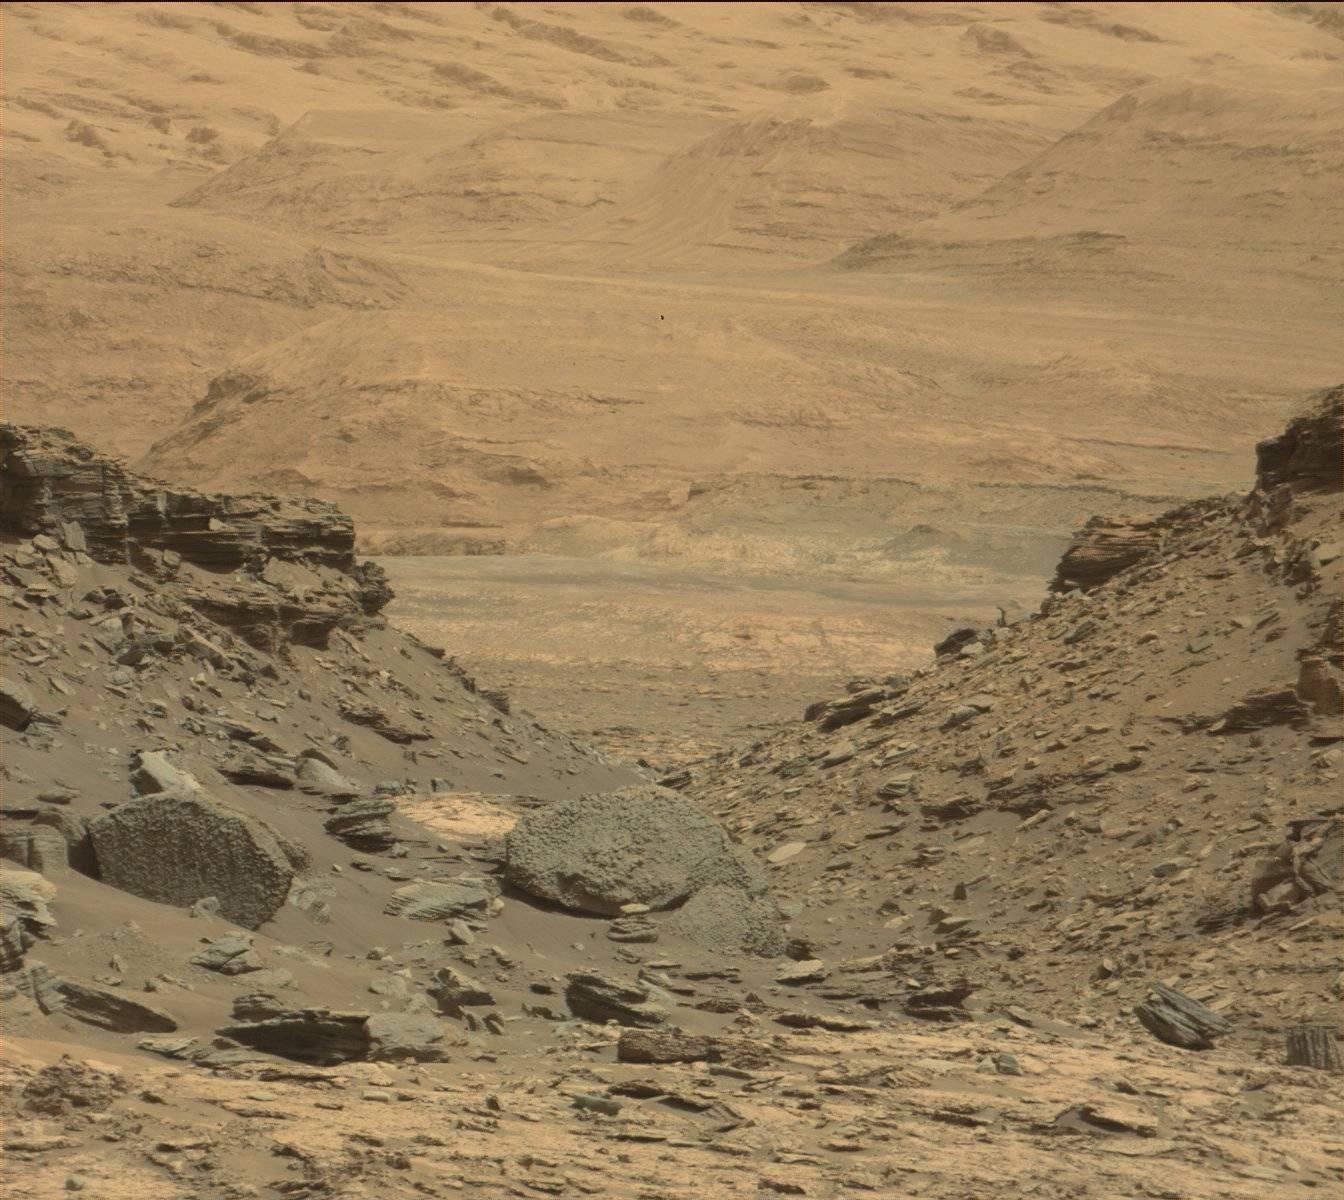 jpl mars rover curiosity - photo #14